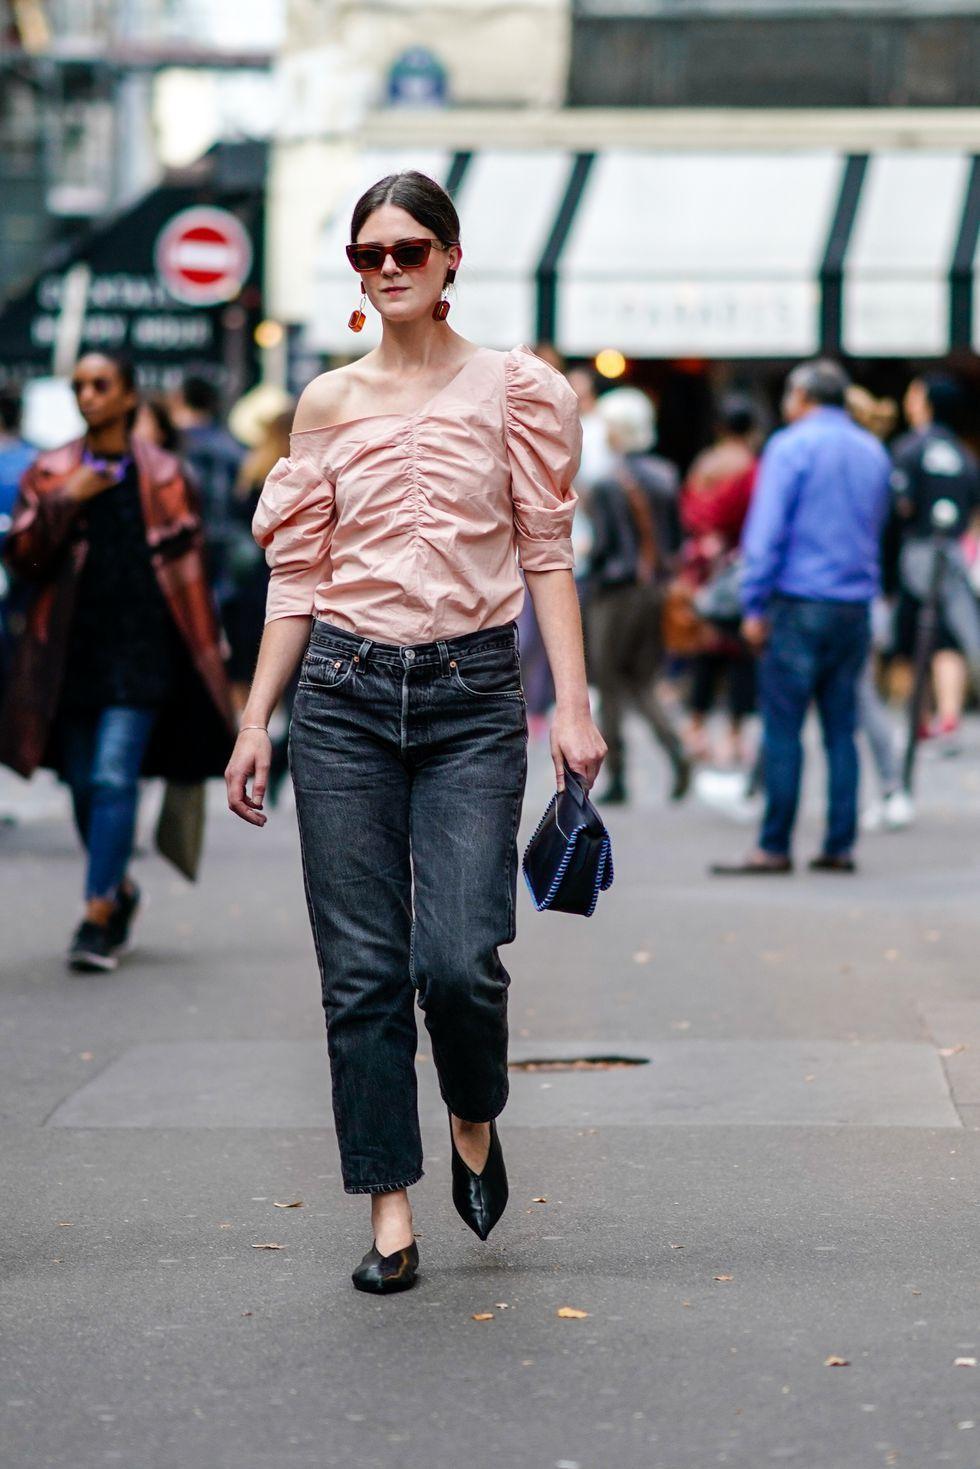 Drapeados tendencias moda 2019